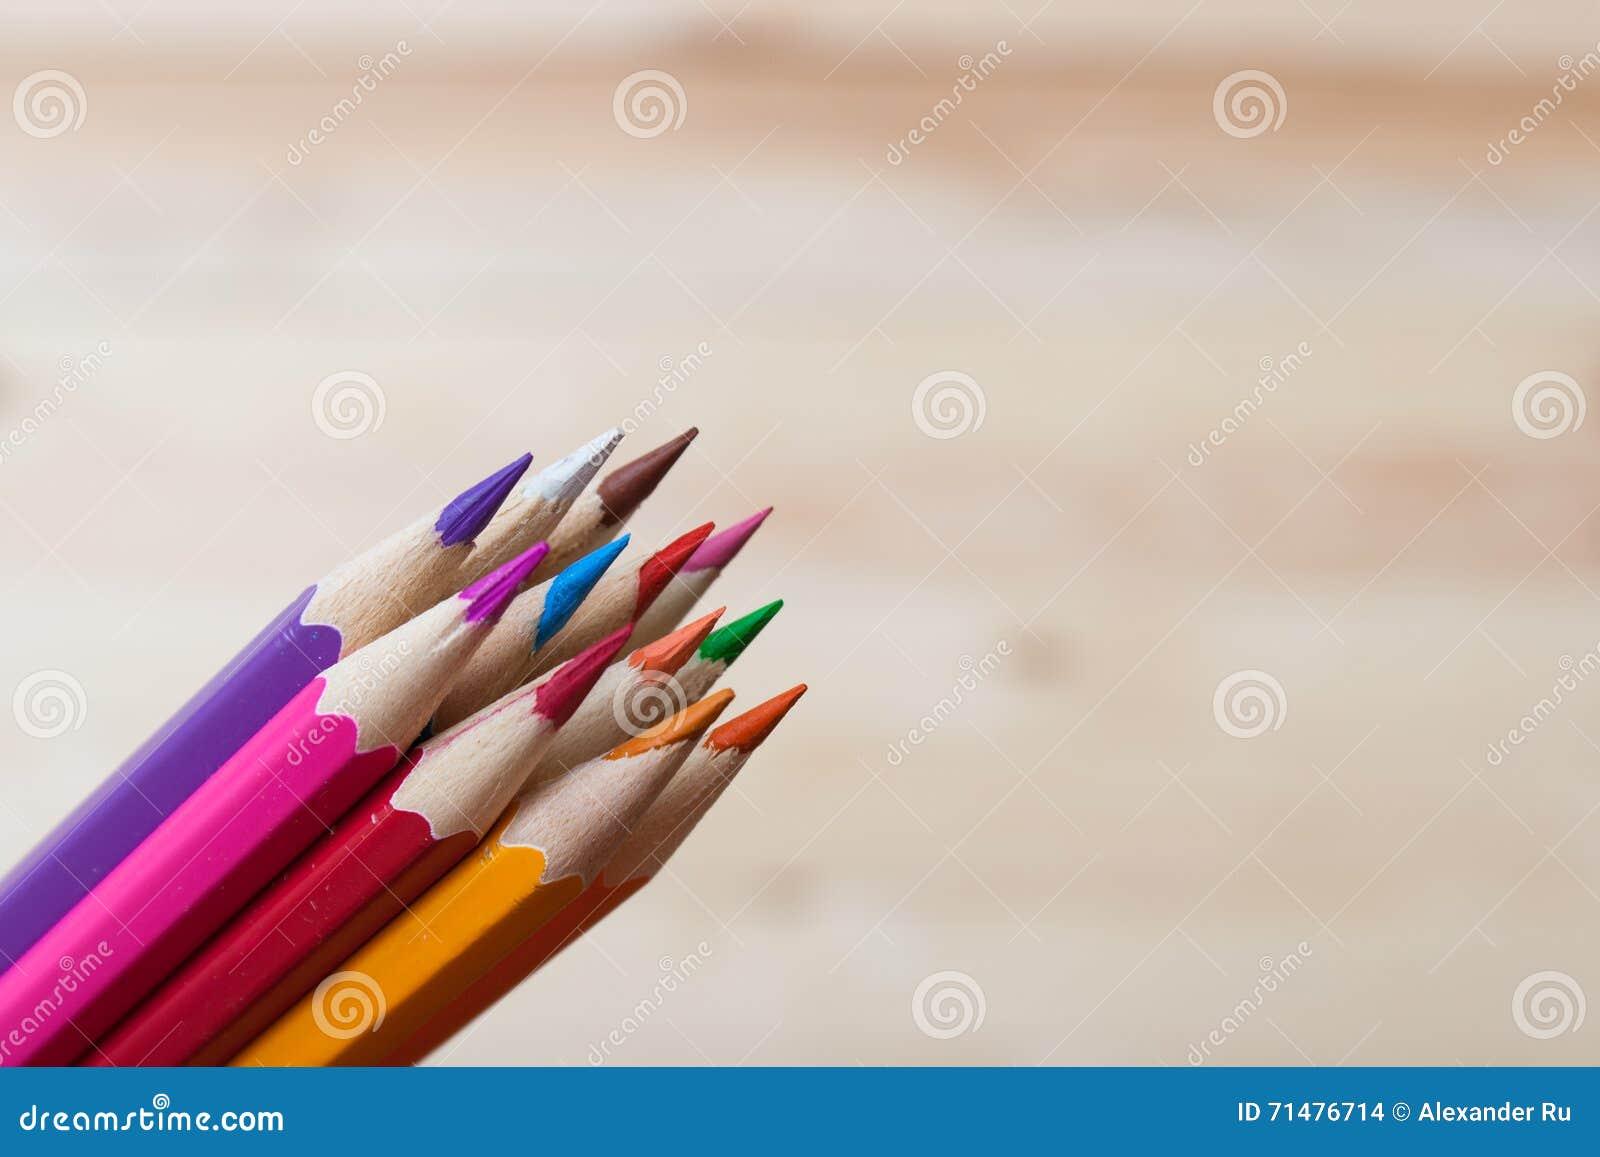 Varios lápices coloreados en una pila, fondo borroso